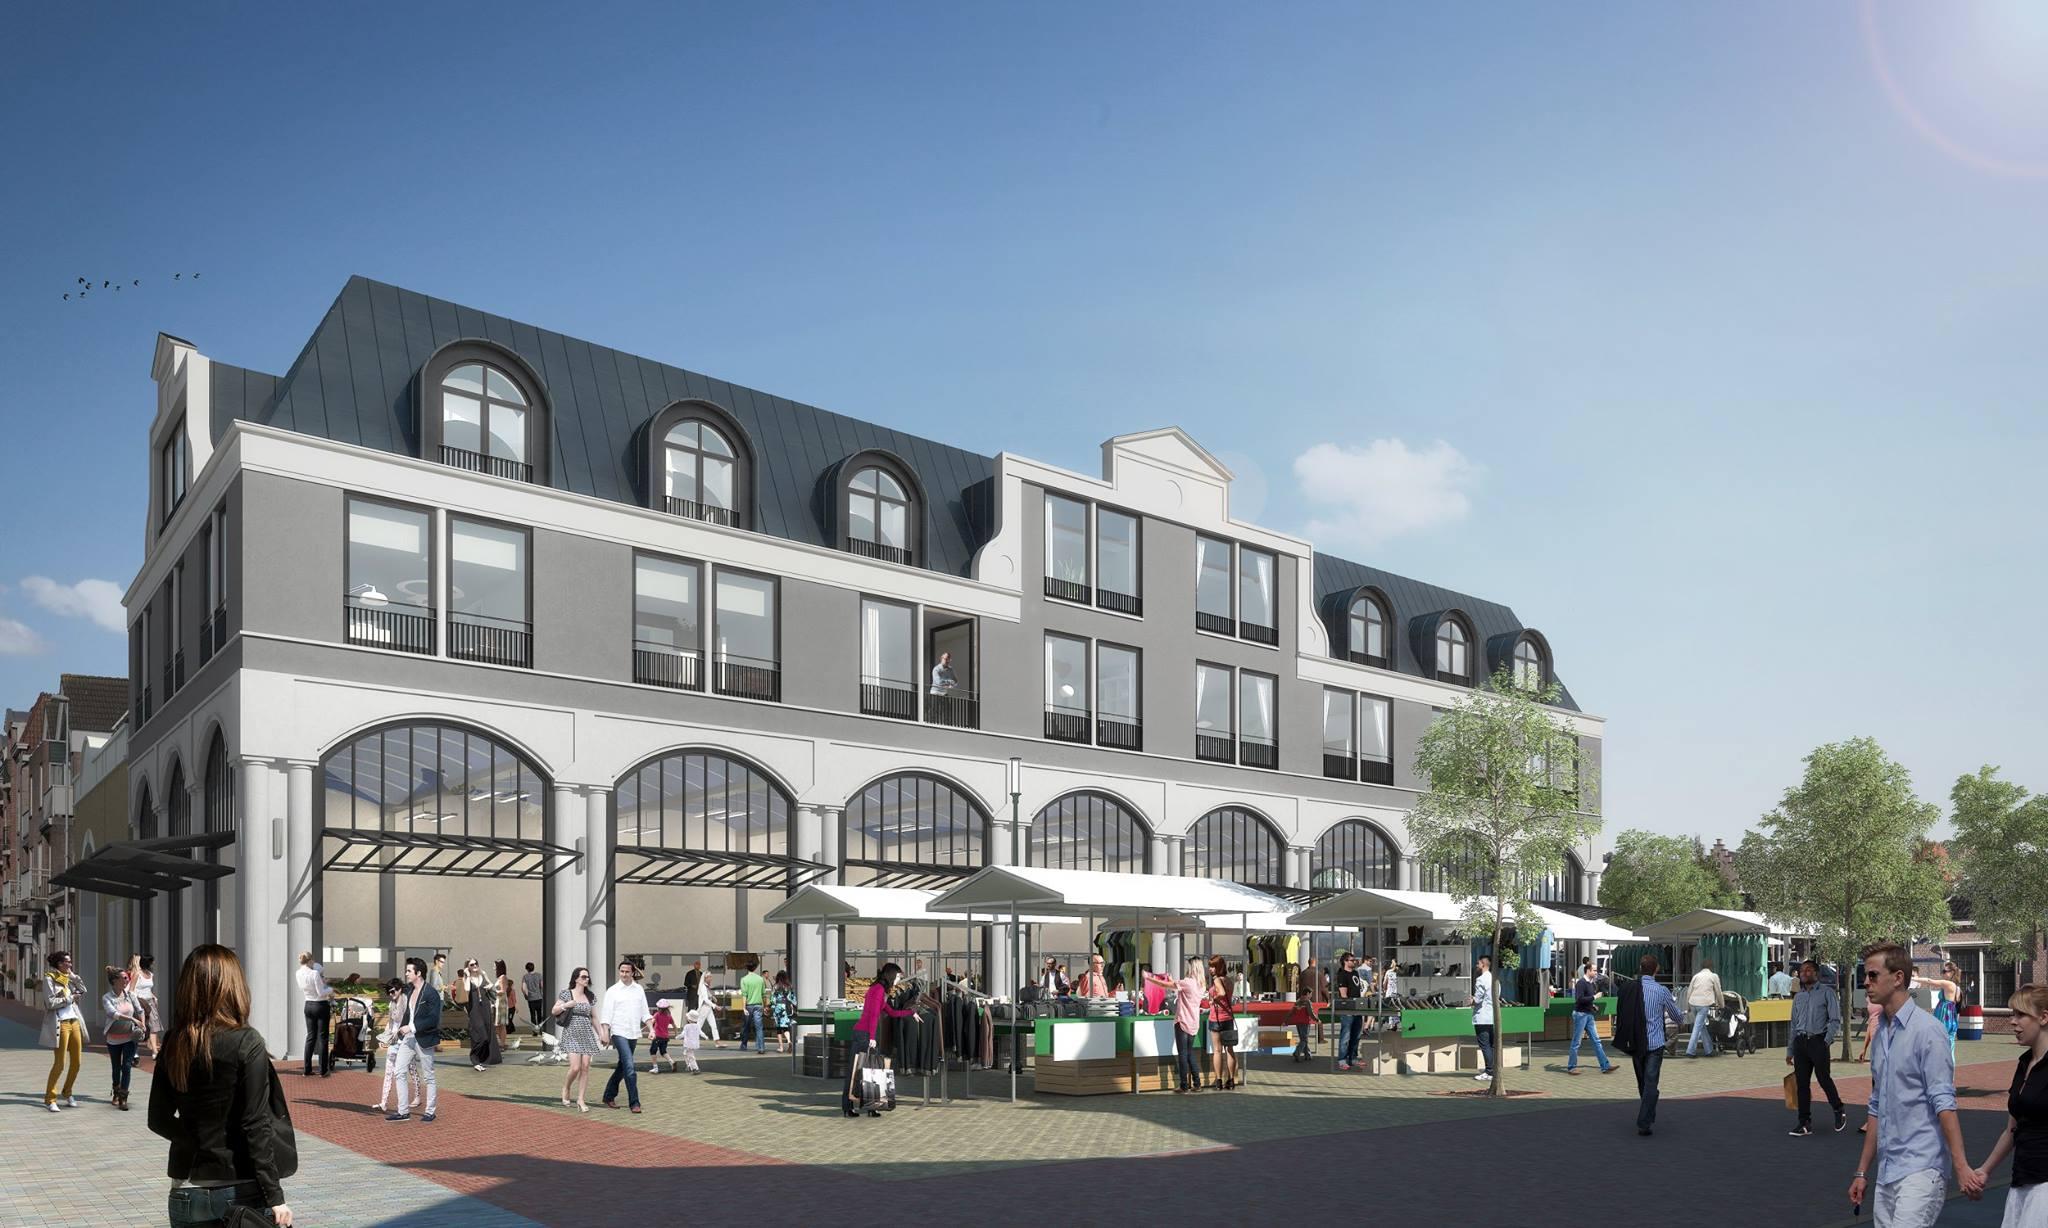 Artist impression van de Markthal, die straks de Koemarkt nog meer aanzien zal geven. (Foto: aangeleverd)